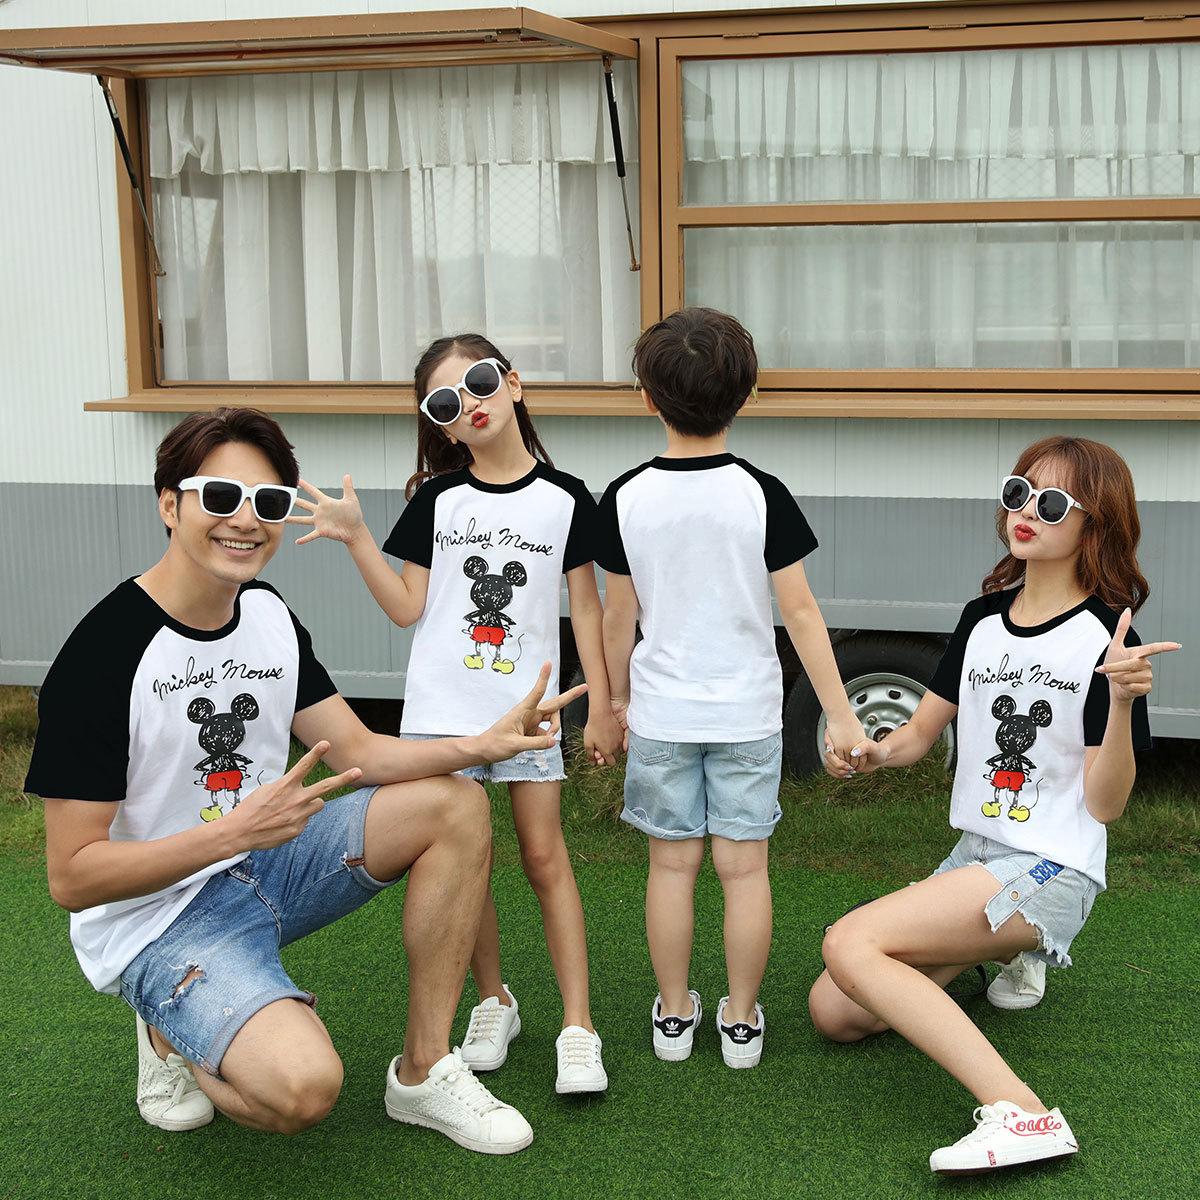 2020夏の新型の純綿親子のファッション親子の家族は家族三人のカップルの半袖Tシャツを着て代行します。